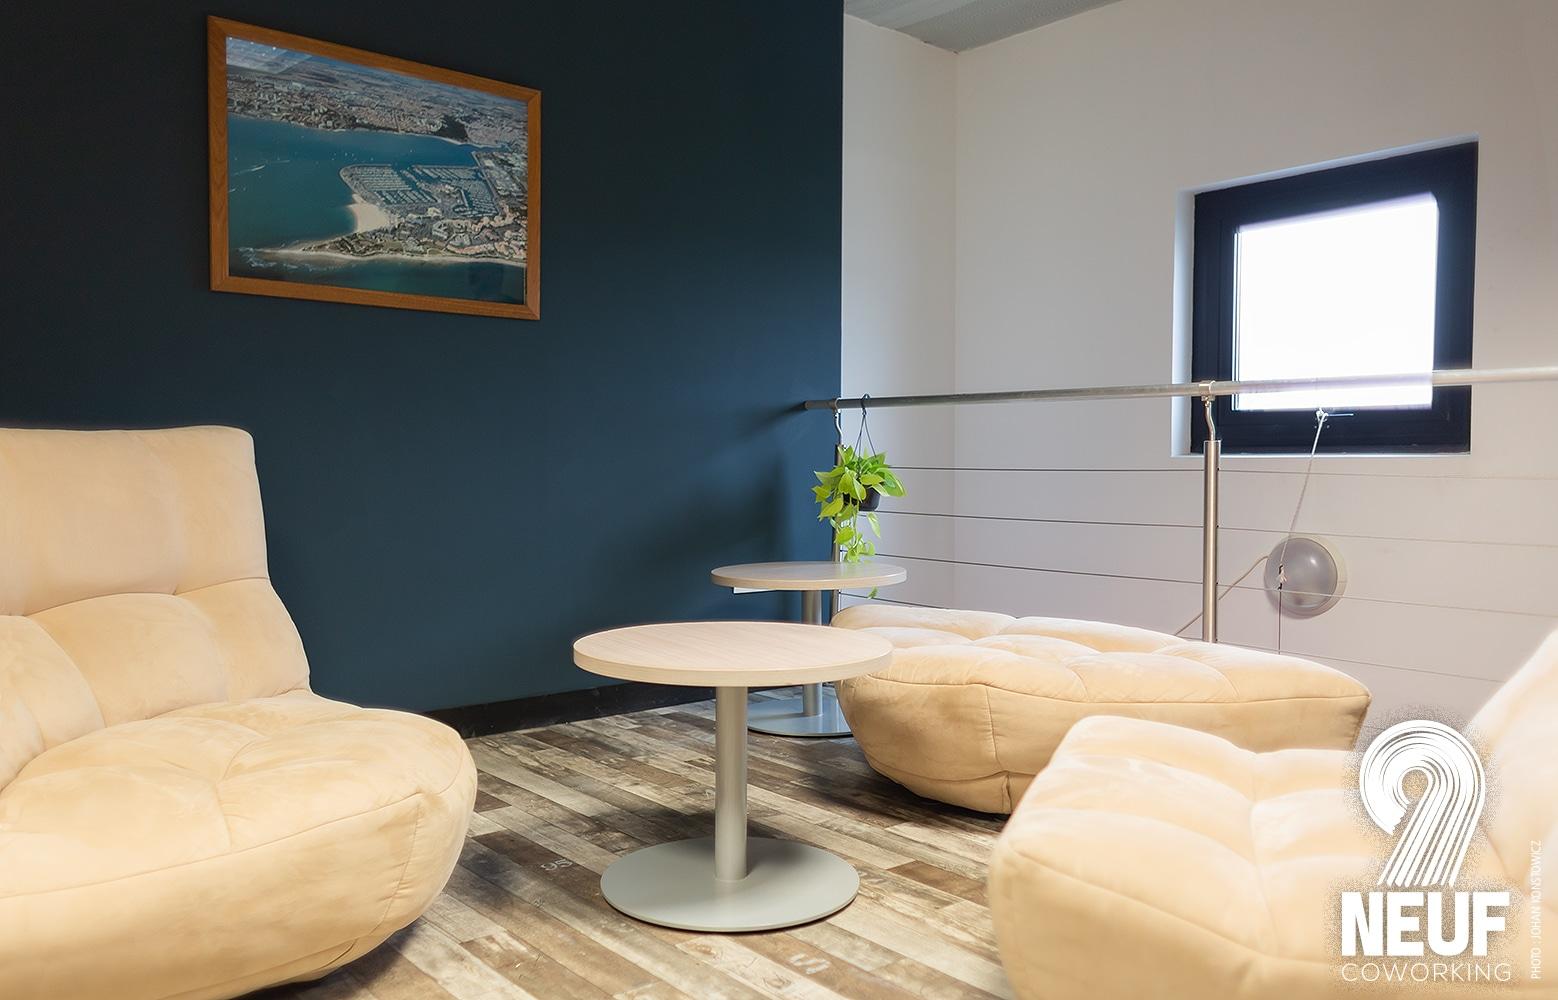 Espace de coworking à La Rochelle - Des espaces de travail adaptés aux indépendants comme aux salariés en télétravail.